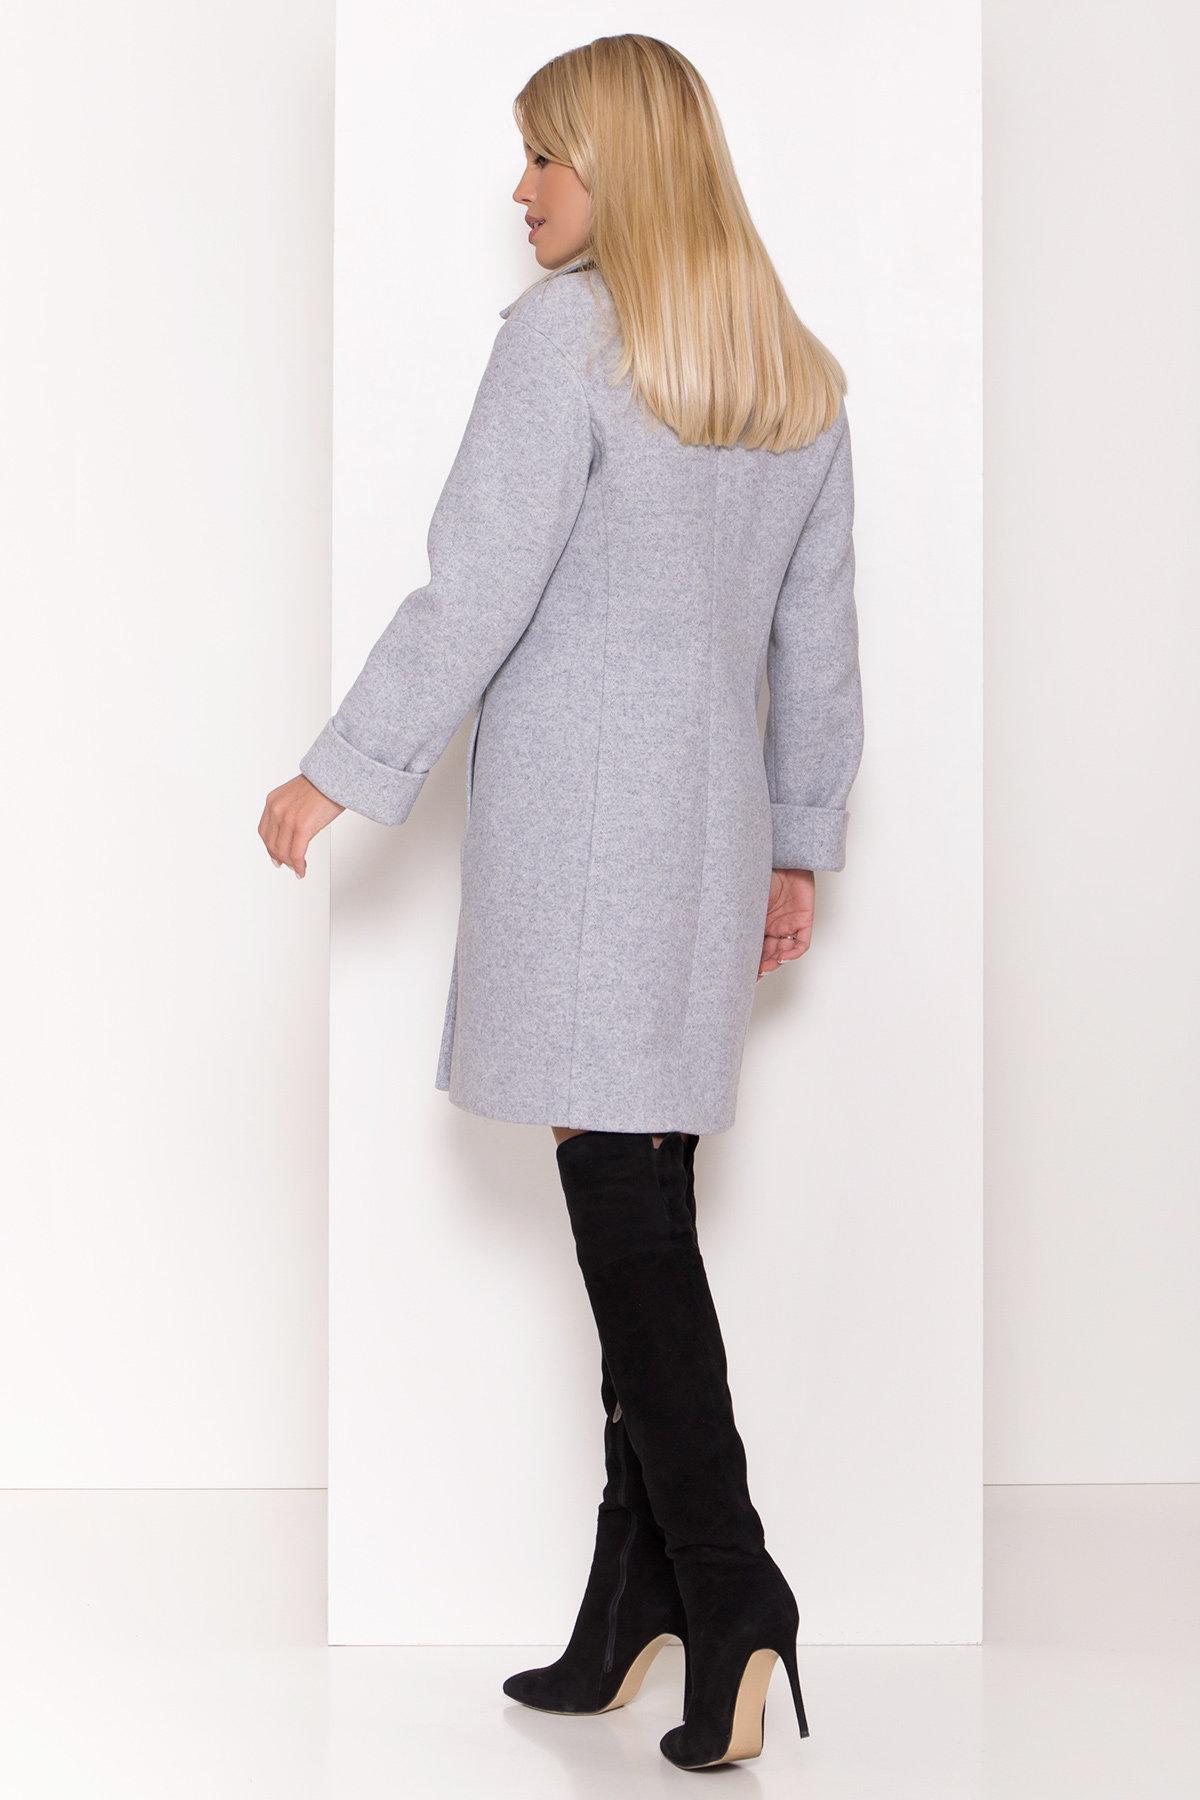 Стильное зимнее пальто пастельных тонов Лизи 8122 АРТ. 44087 Цвет: Серый Светлый 33 - фото 3, интернет магазин tm-modus.ru